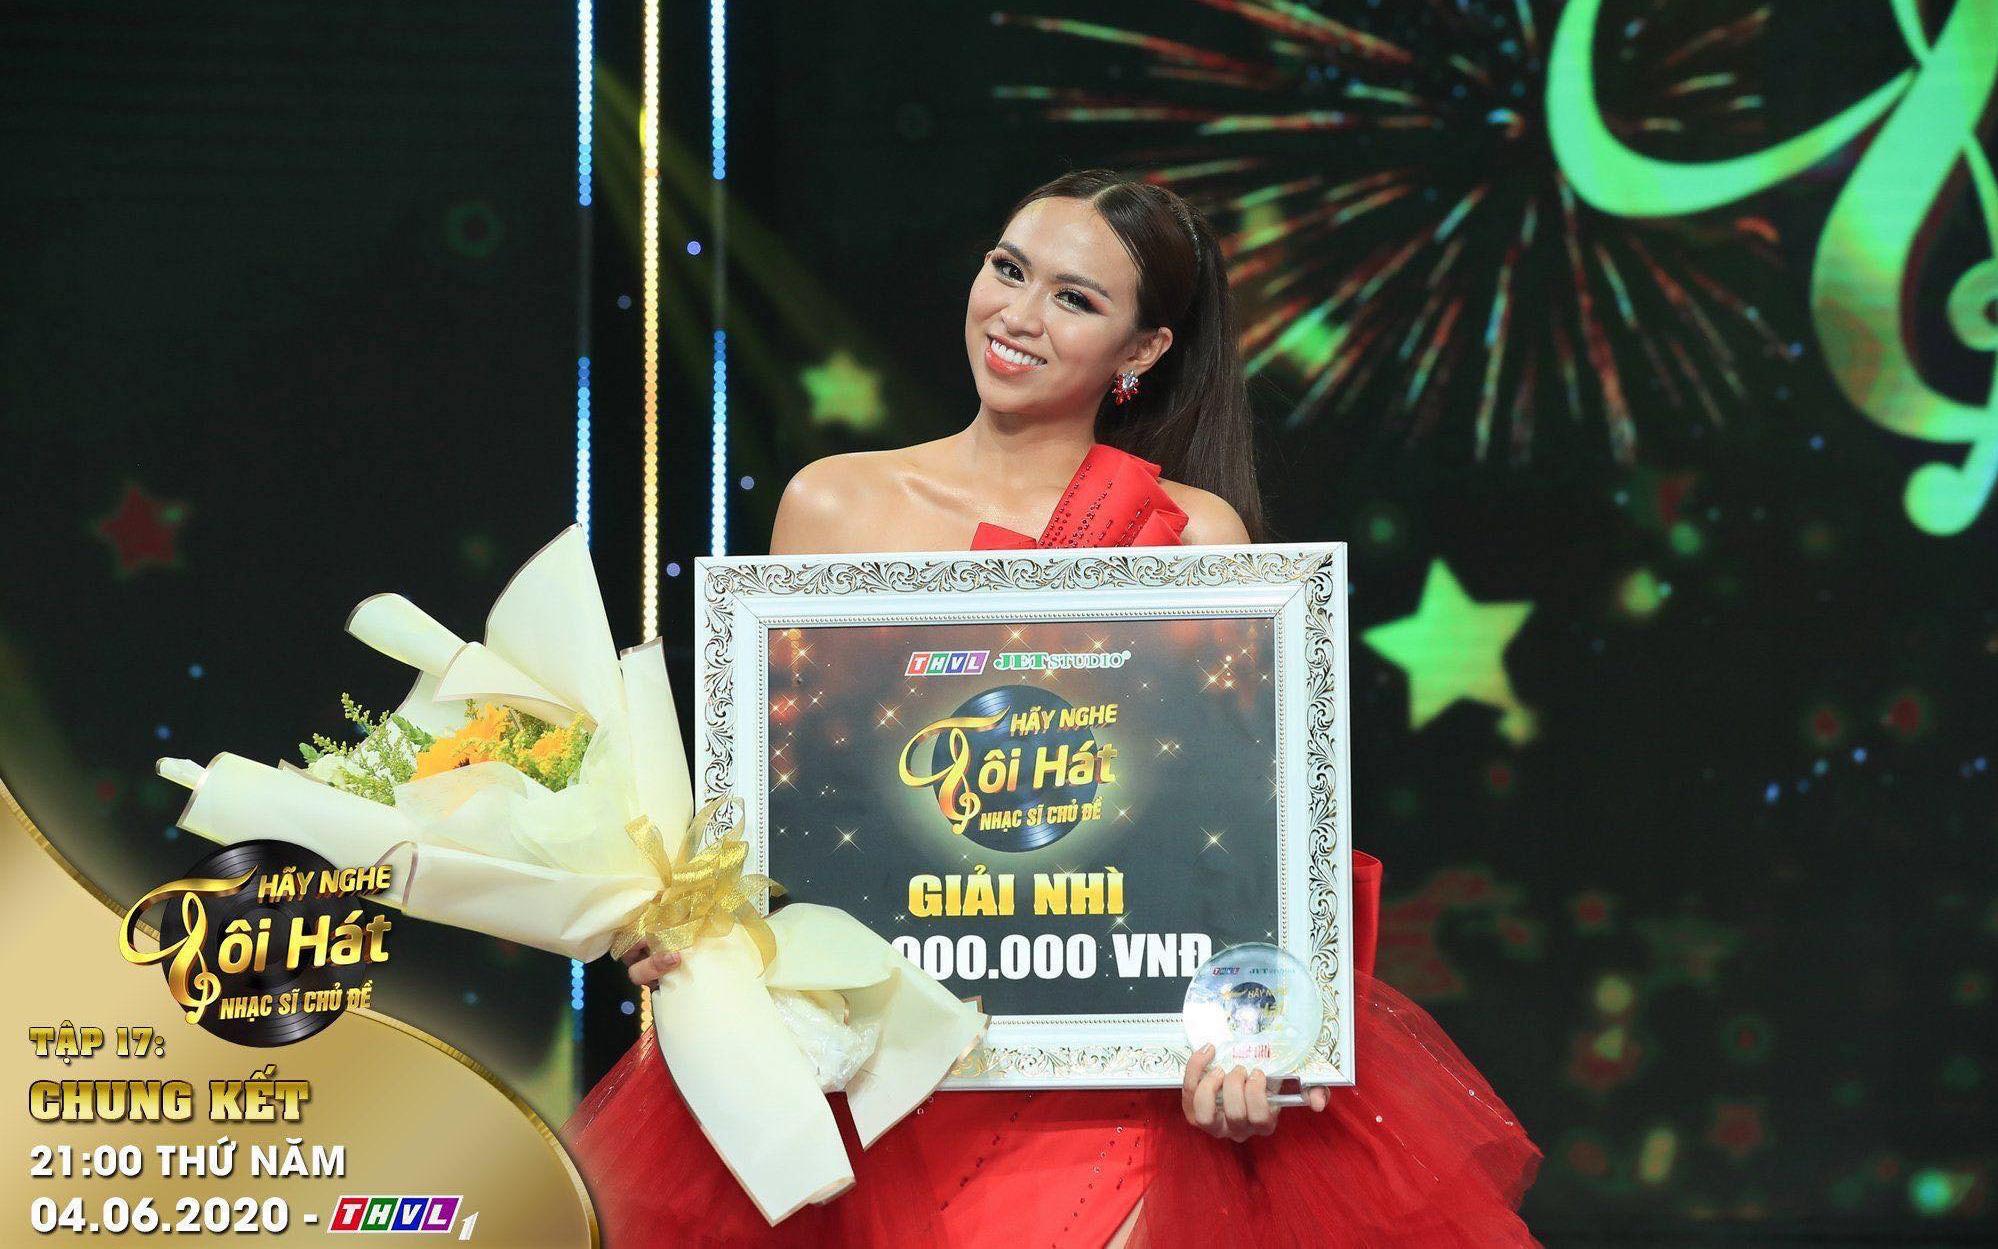 """Trương Diễm nhận thưởng đặc biệt với giải Á quân """"Hãy nghe tôi hát 2020"""""""